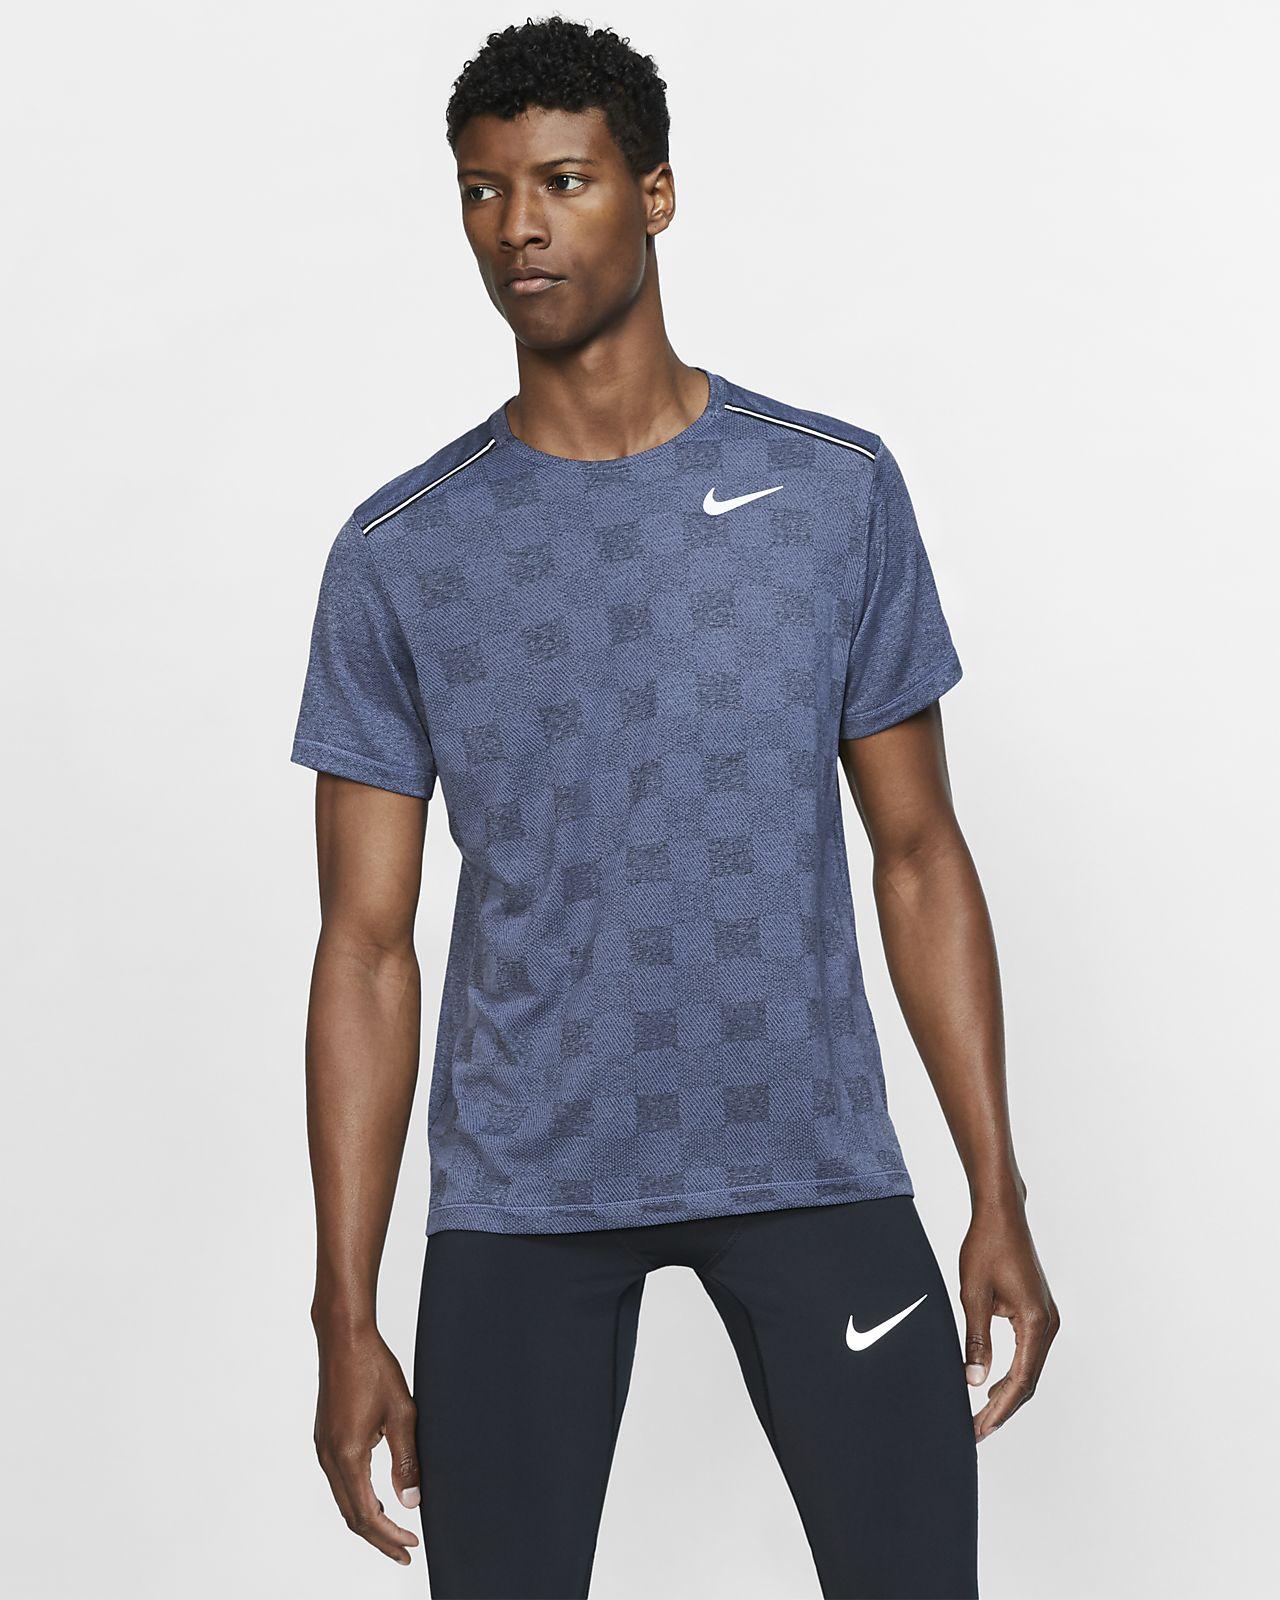 Męska dzianinowa koszulka z krótkim rękawem do biegania Nike Dri FIT Miler